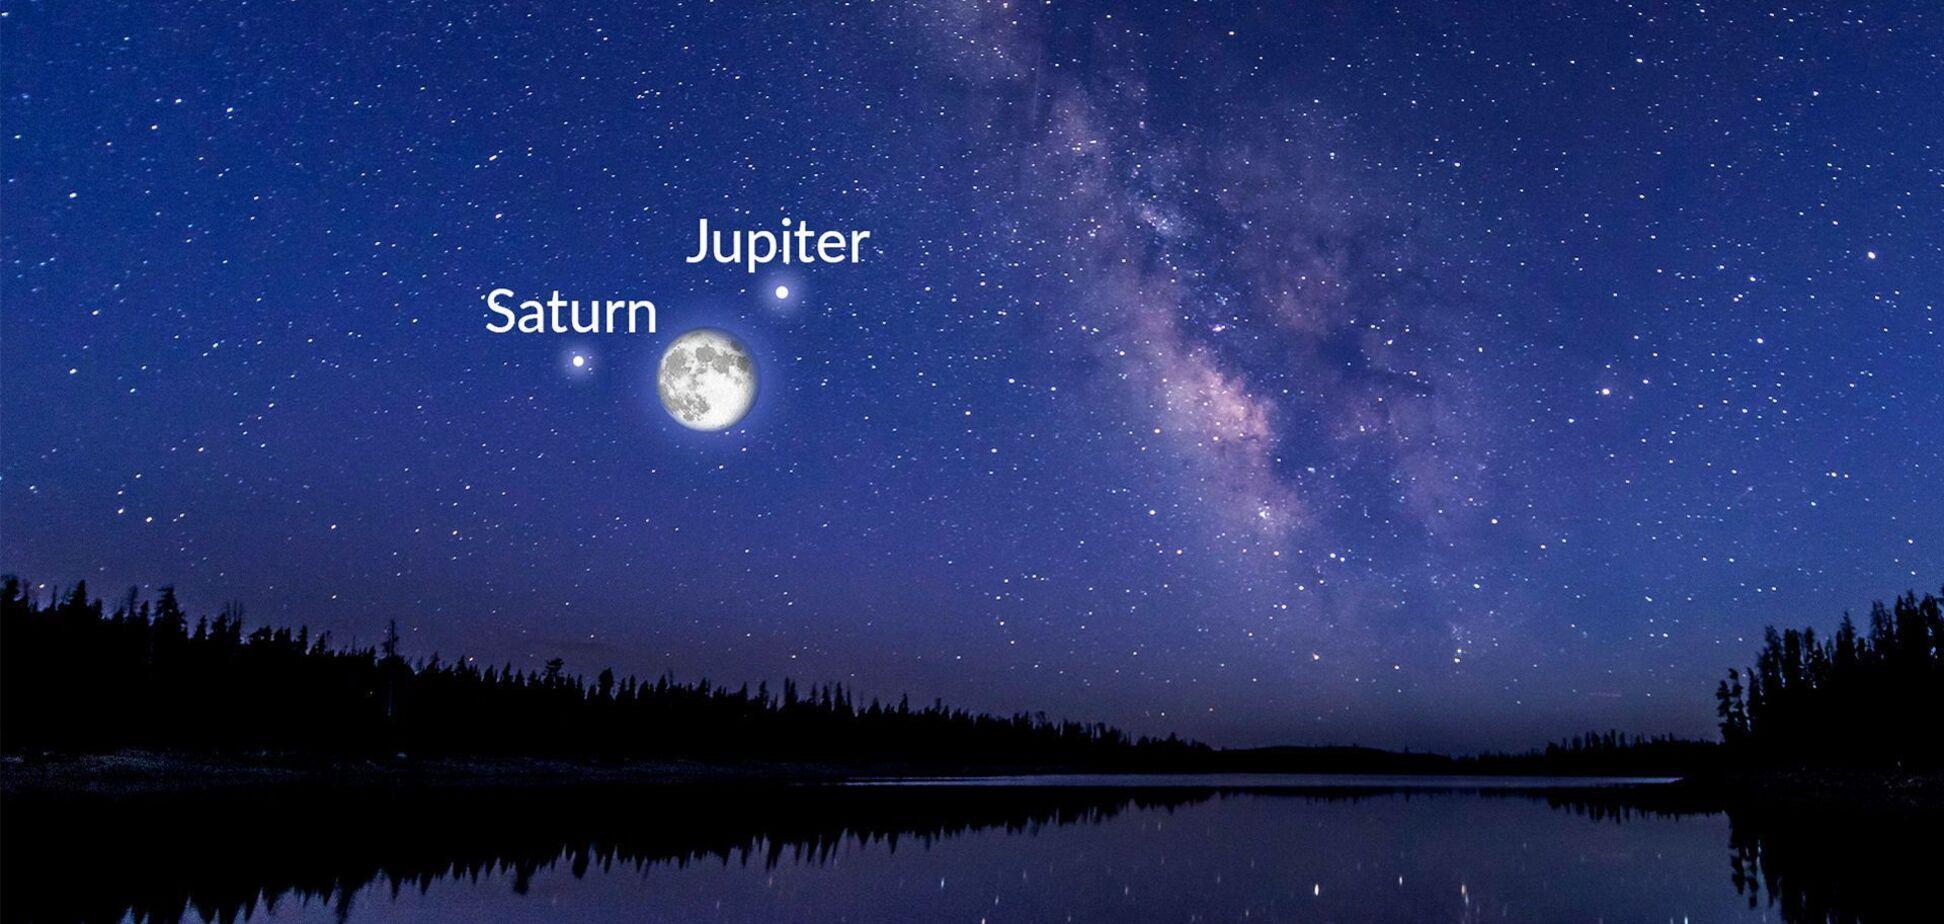 Юпітер і Сатурн при зближенні будуть нагадувати подвійну планету